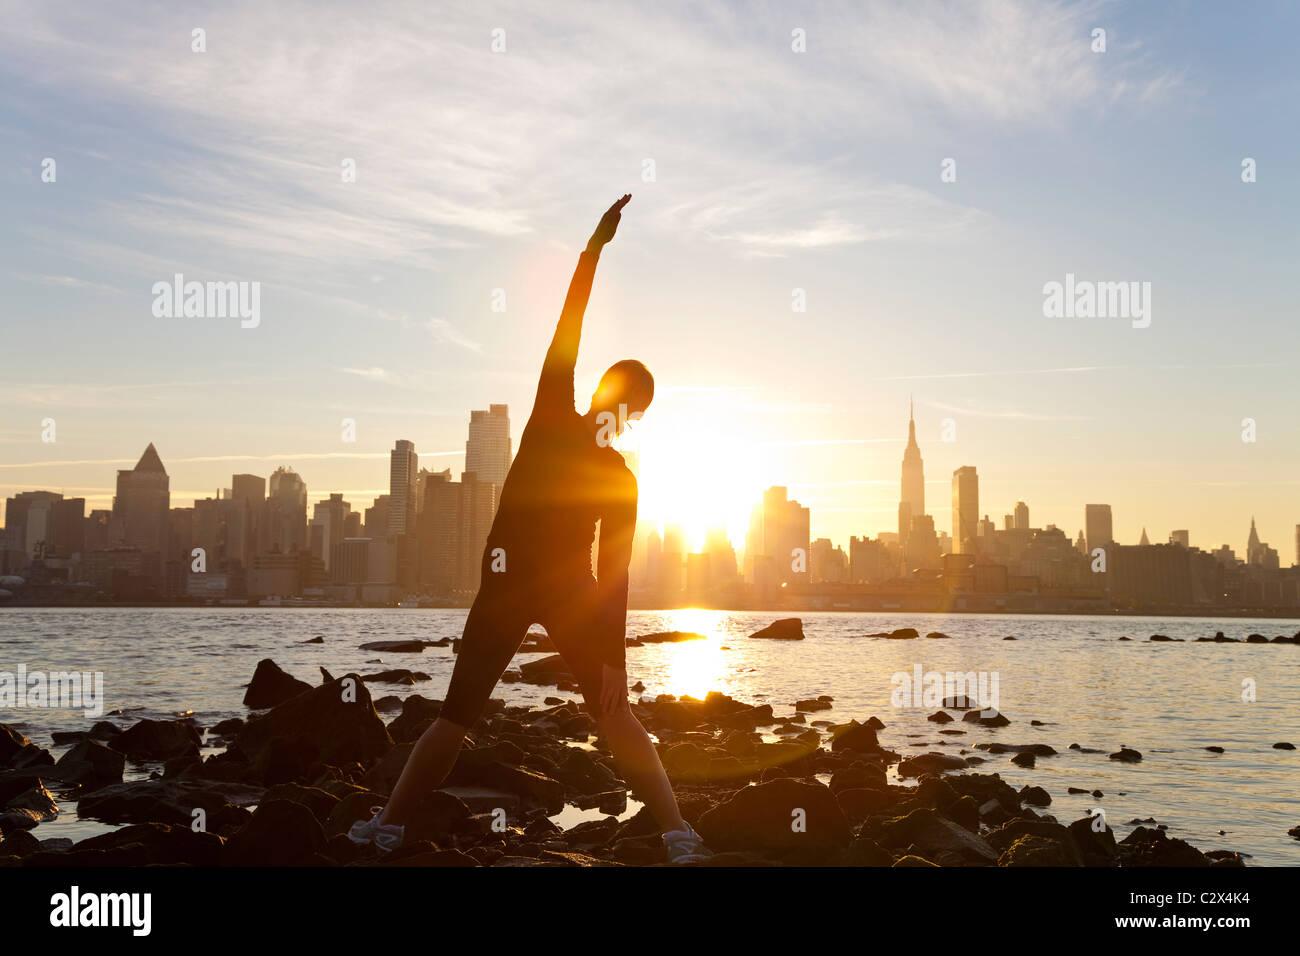 Una mujer runner estiramiento en una posición de yoga delante del horizonte de Manhattan, Ciudad de Nueva York, Foto de stock